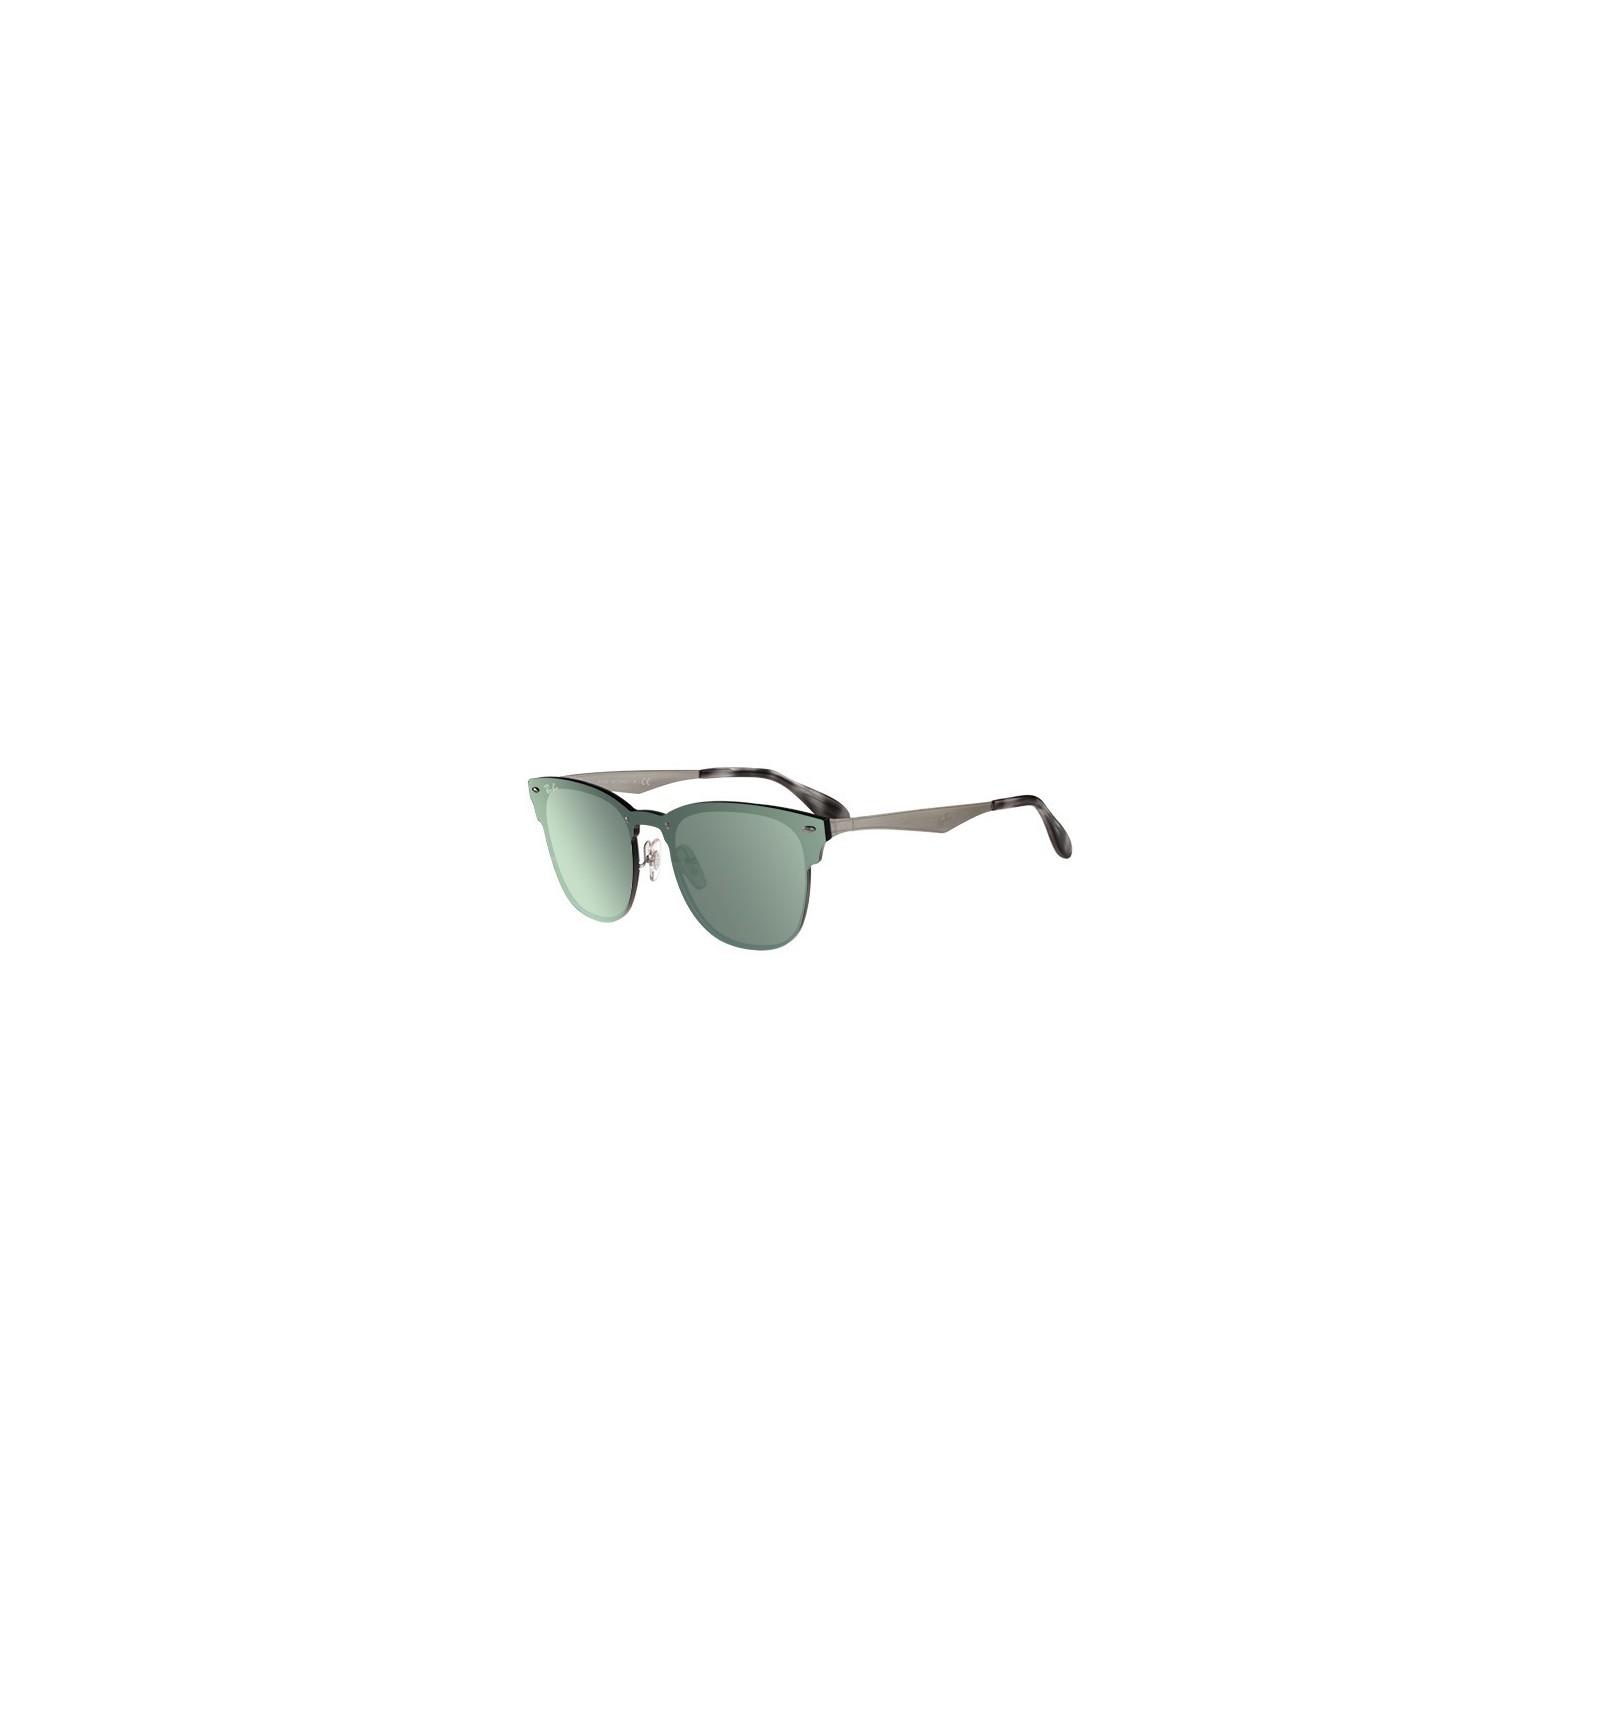 31cfe8ecc8933 Gafas de sol RAY BAN RB3576 Blaze Clubmaster silver - Green Mirror